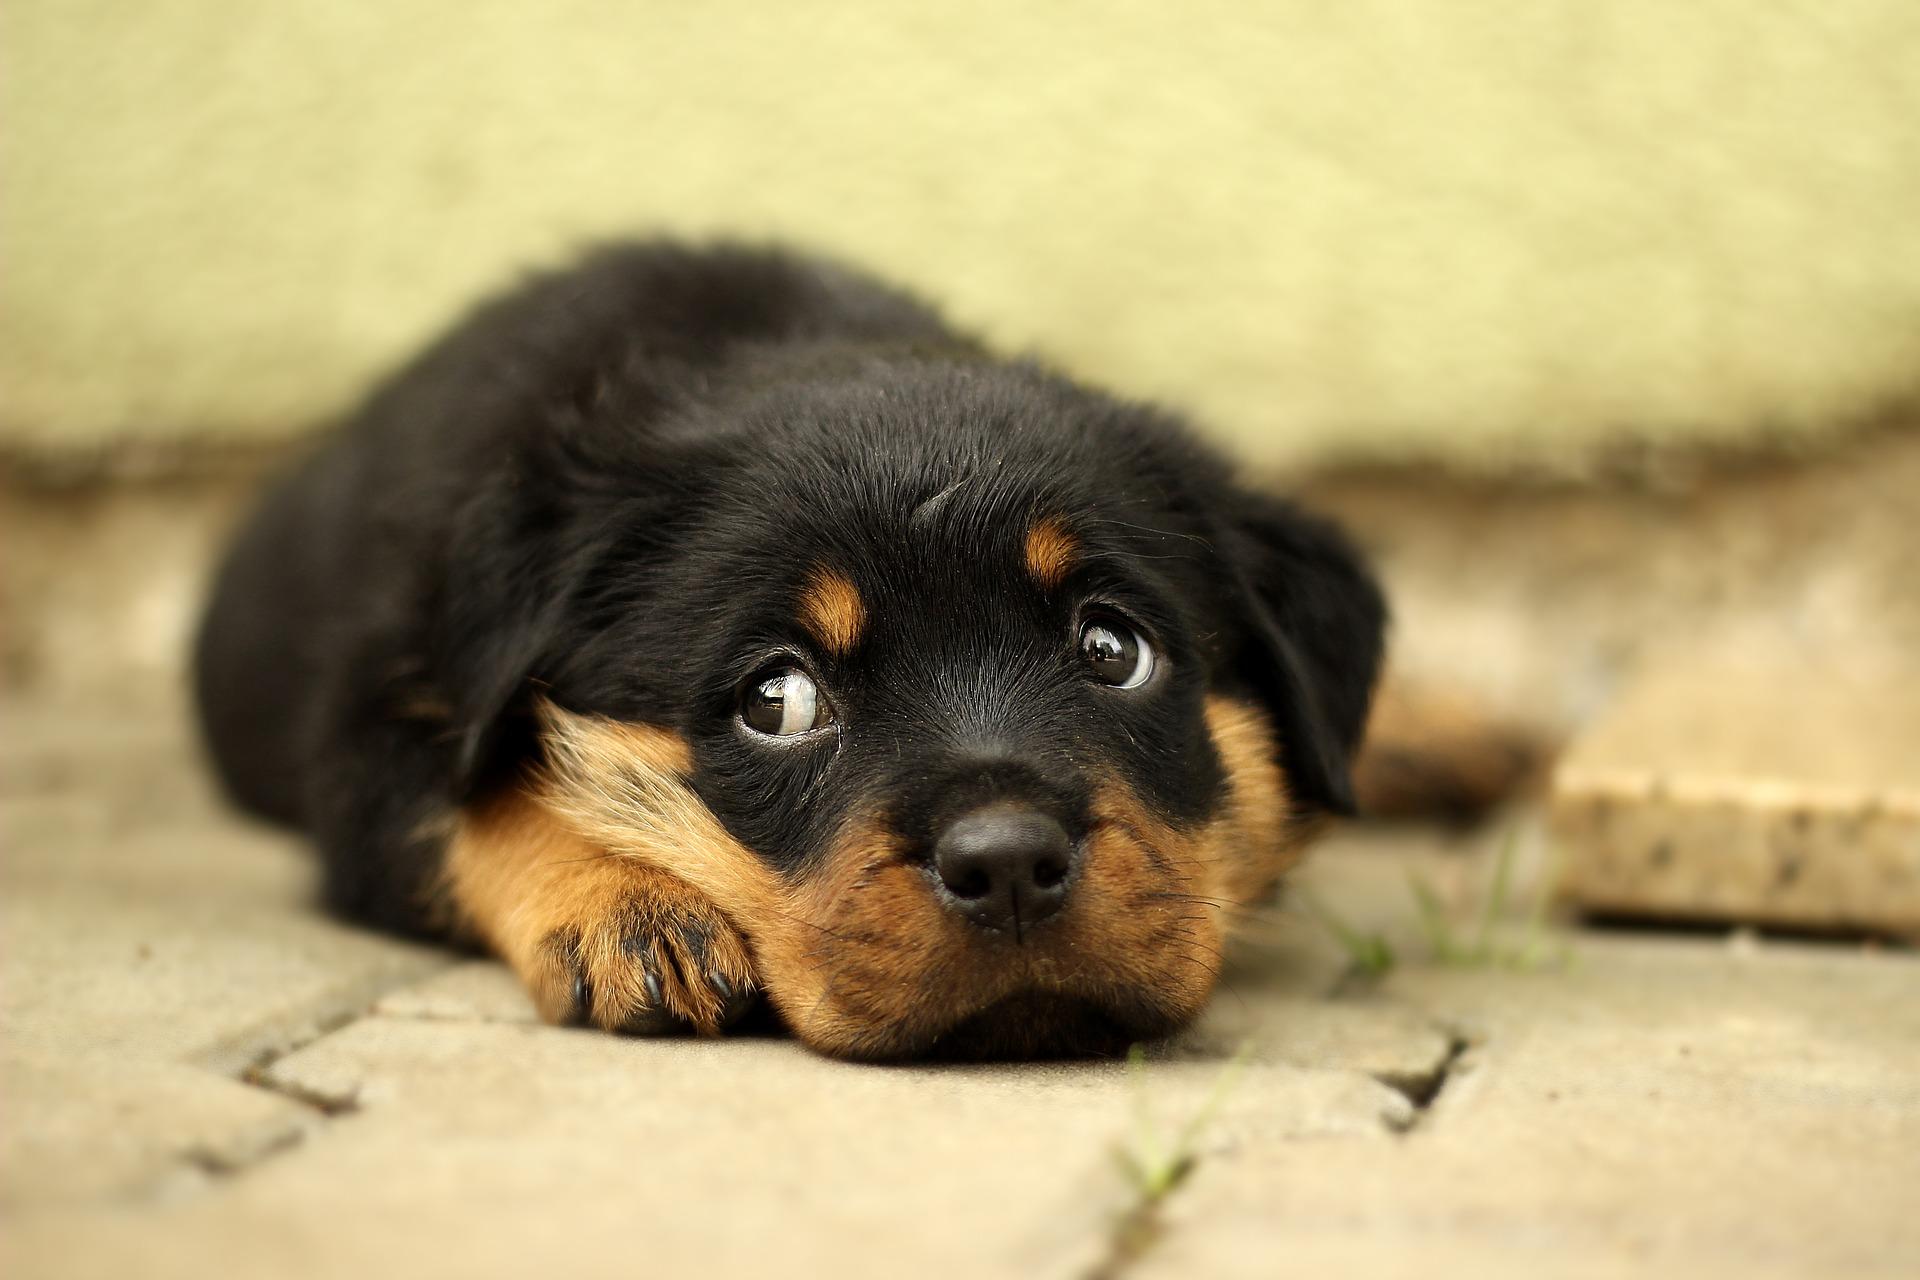 Od przyszłego roku zapłacimy więcej za psa. Kolejny podatek w górę - Zdjęcie główne